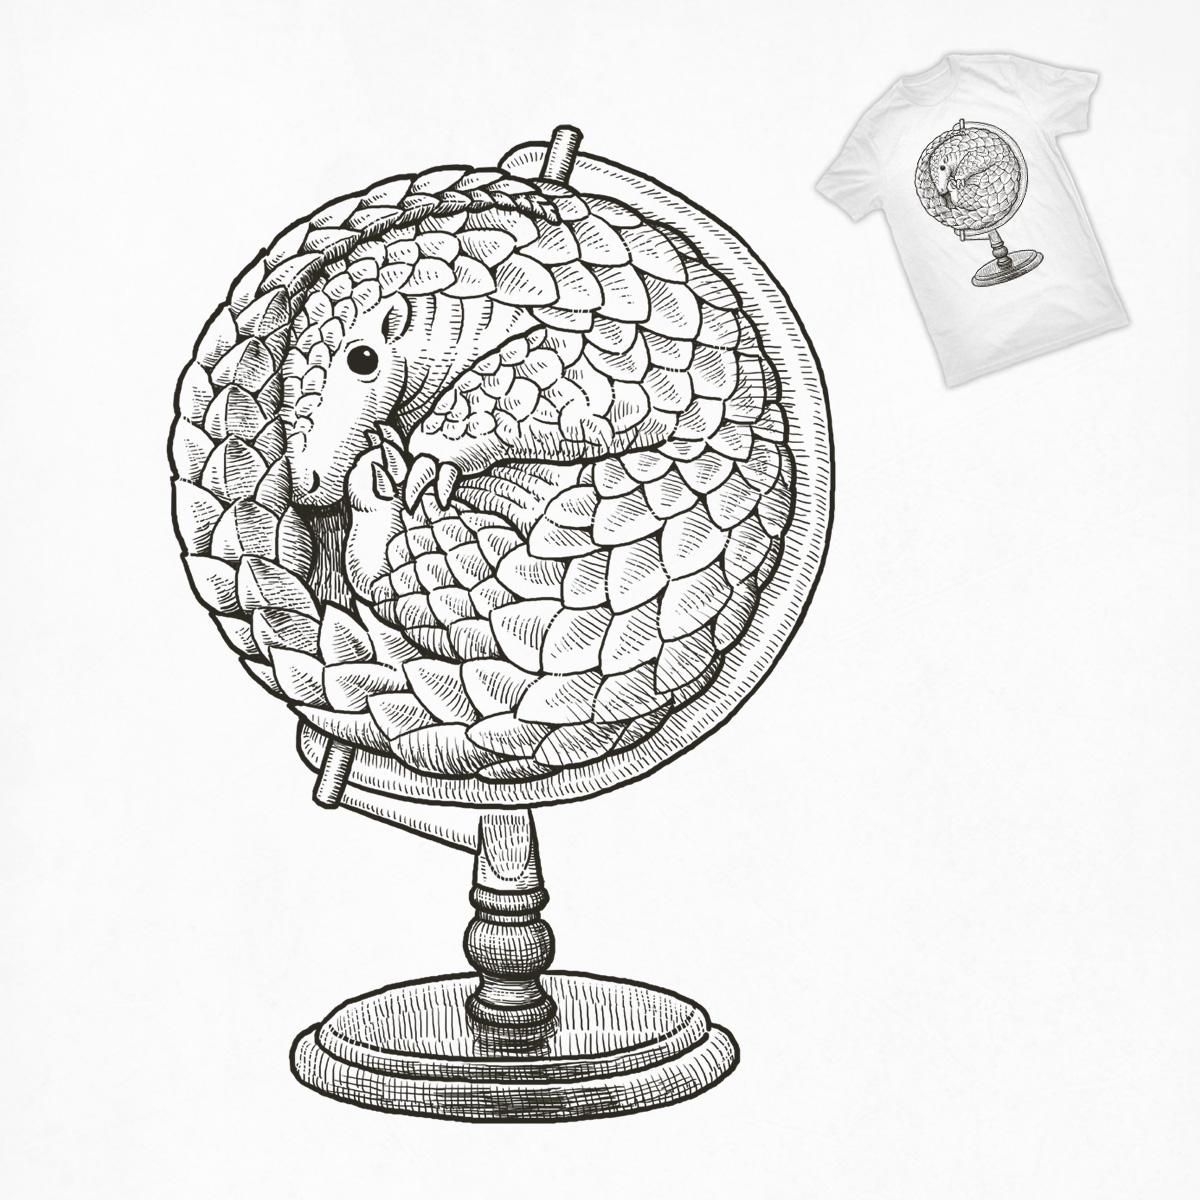 Pangolin Globe by ben chen on Threadless